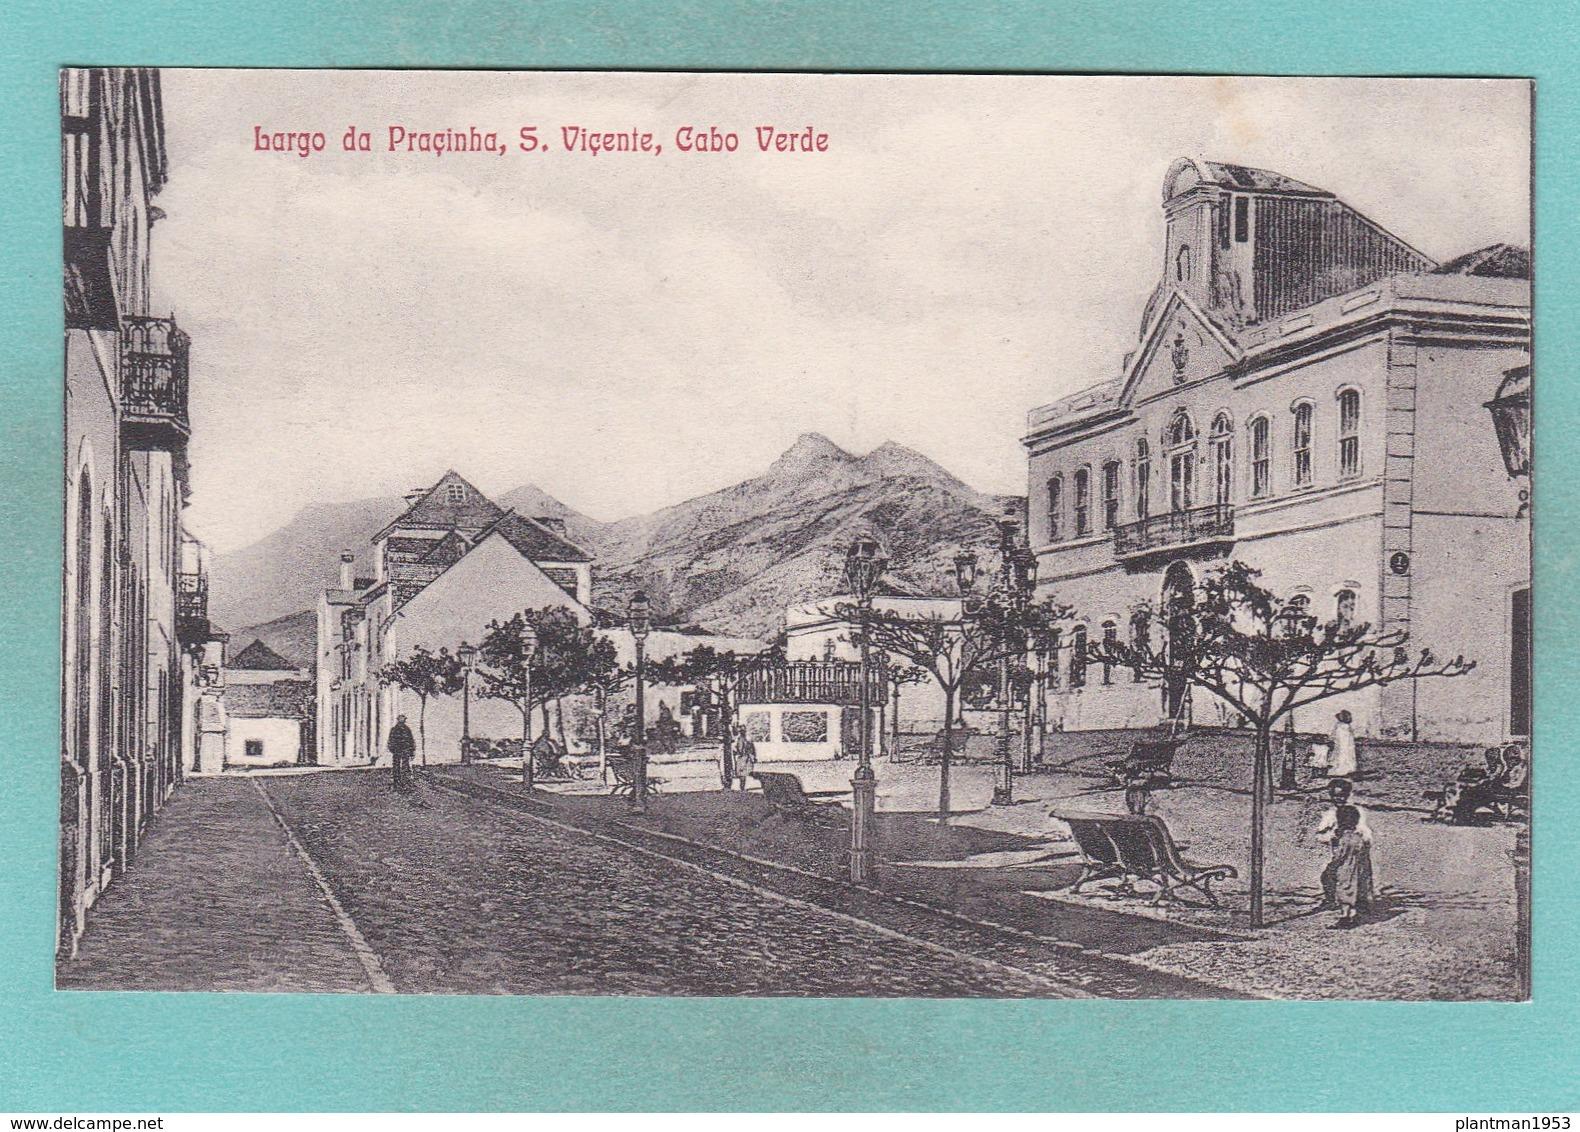 Old Post Card Of Largo Da Pracinha S.Vicente,Cape Verde,Cabo Verde,,R71. - Cape Verde